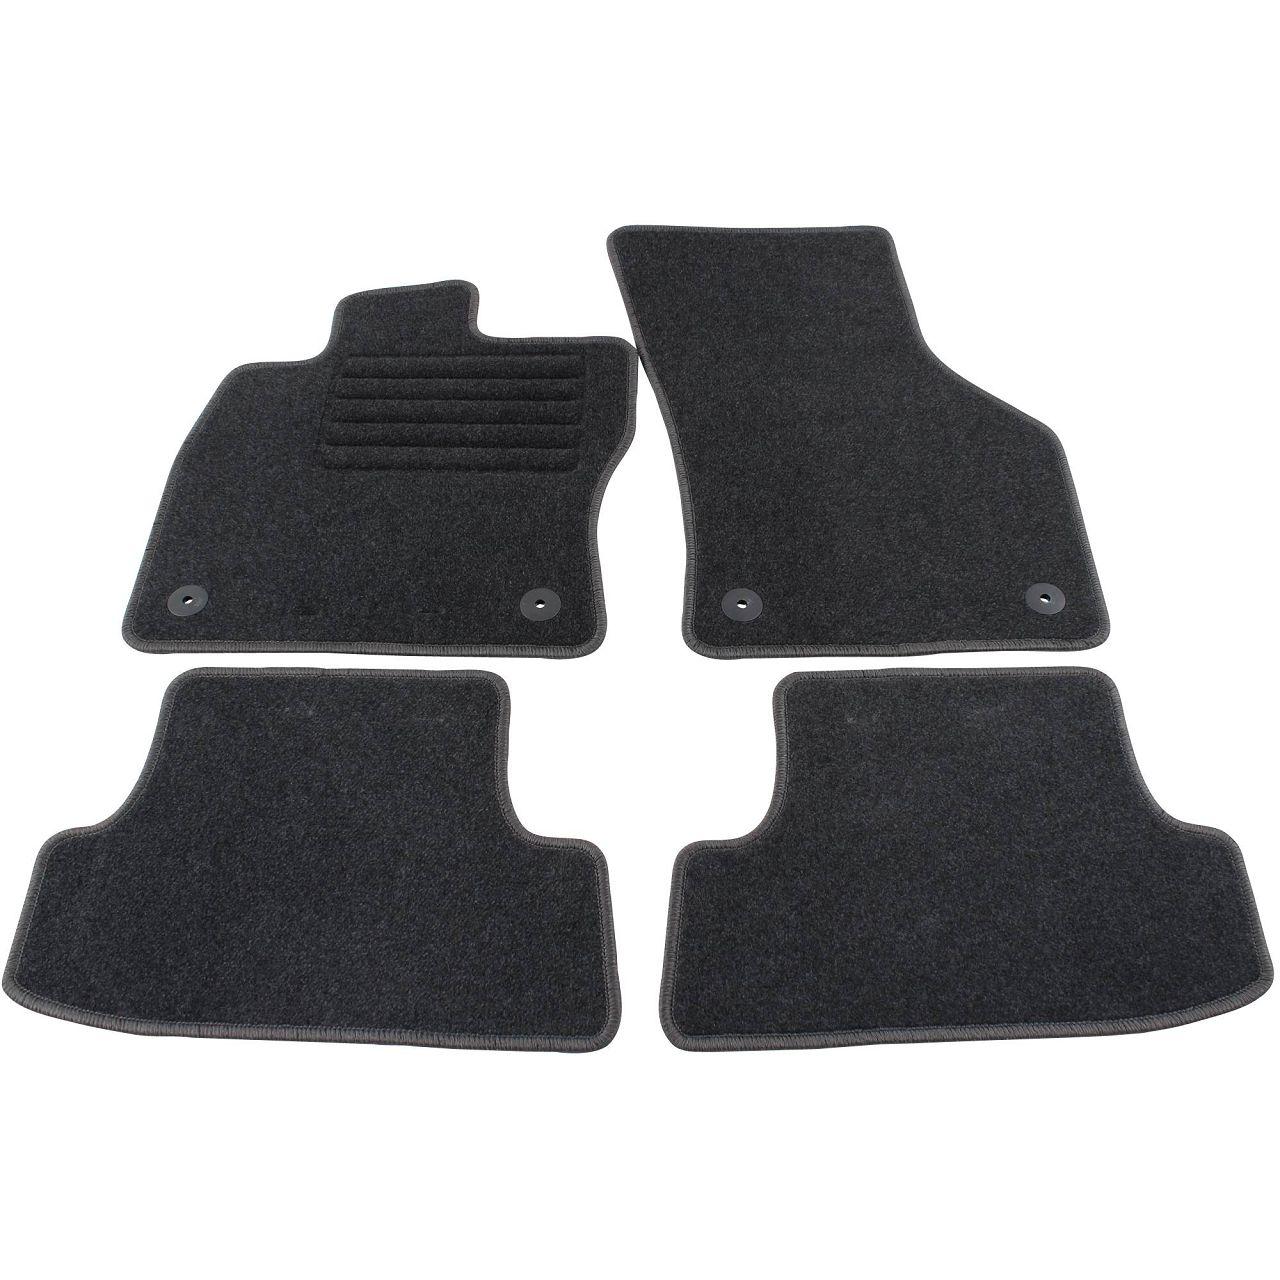 Veloursmatten Textilmatten Fußmatten AUDI A3 S3 8V 3-Türer + Cabrio bis 05.2016 4-teilig